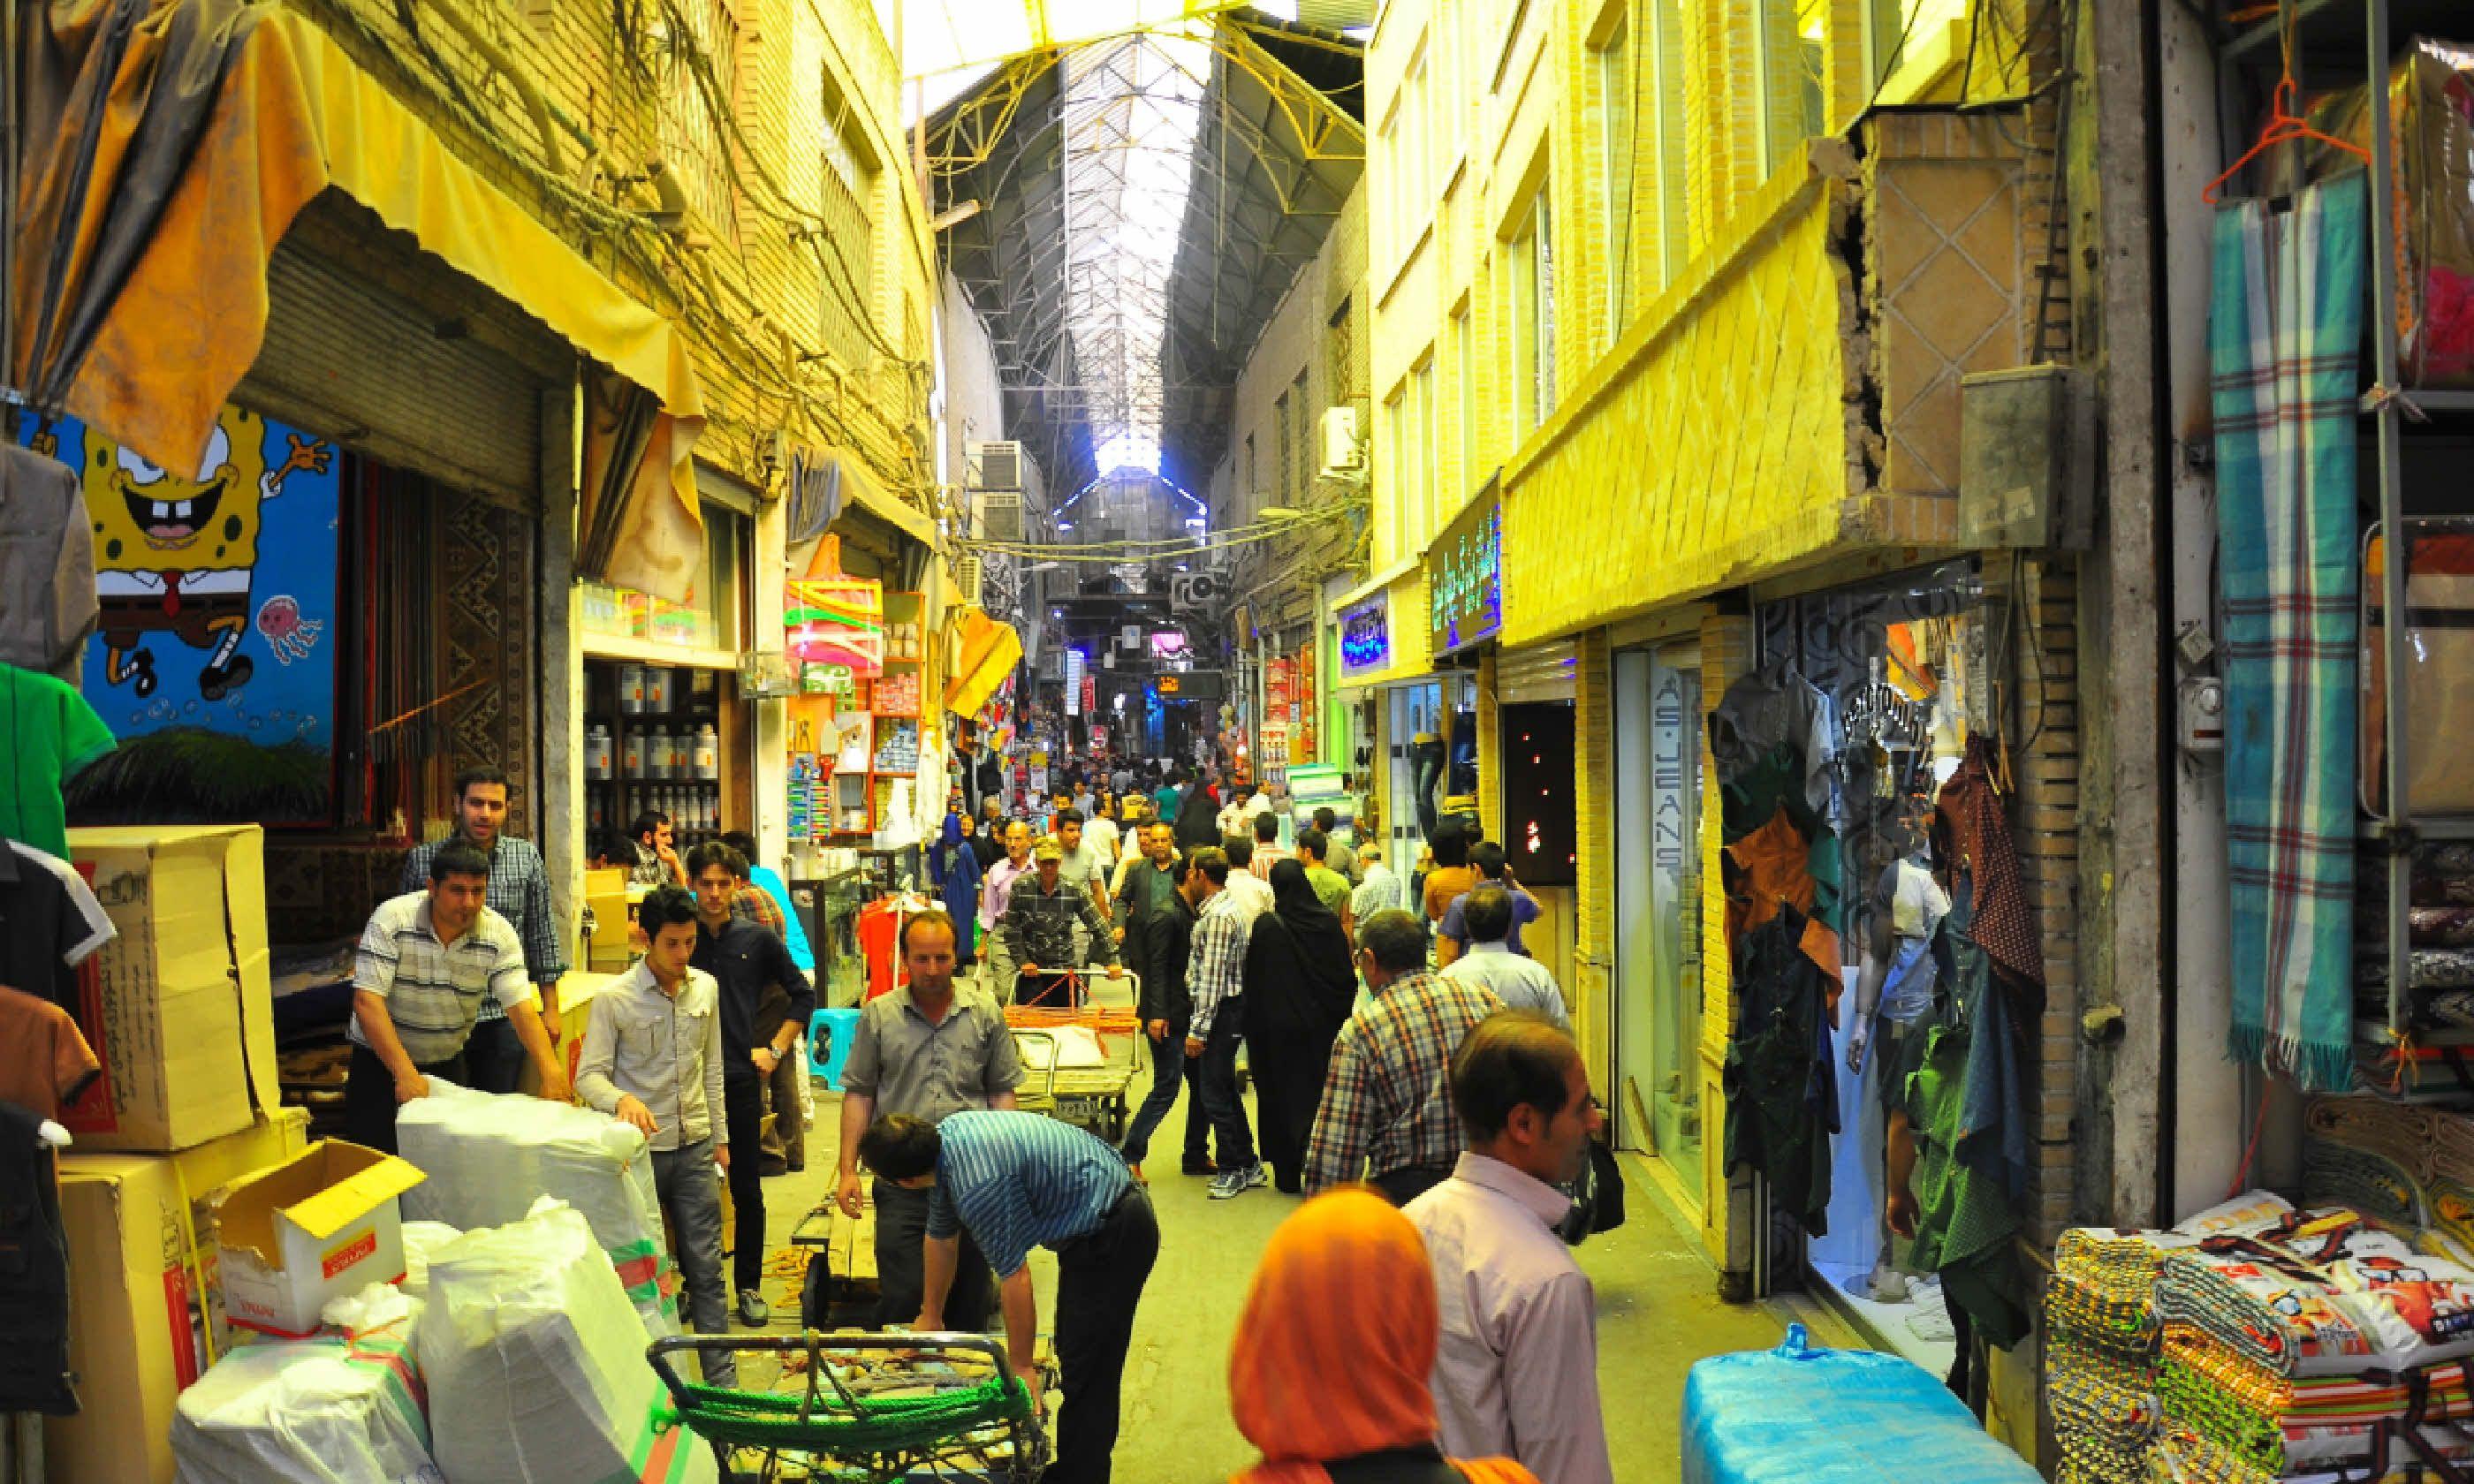 A busy bazaar in Tehran (Dreamstime)